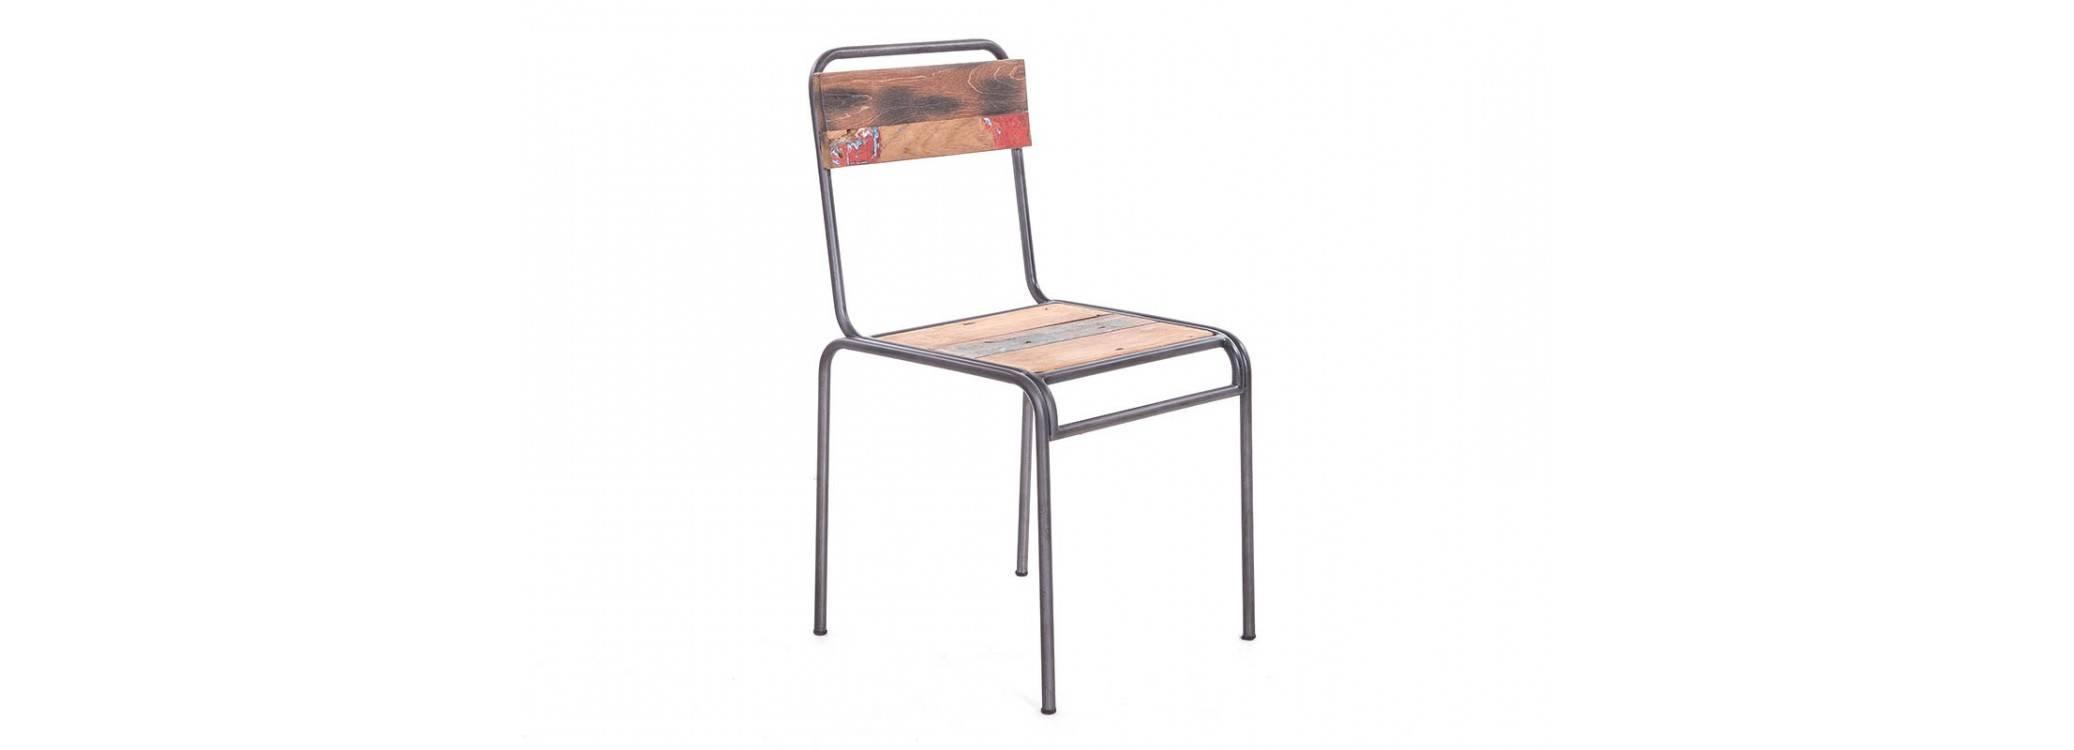 Chaise Impact - Dossier et assise bois